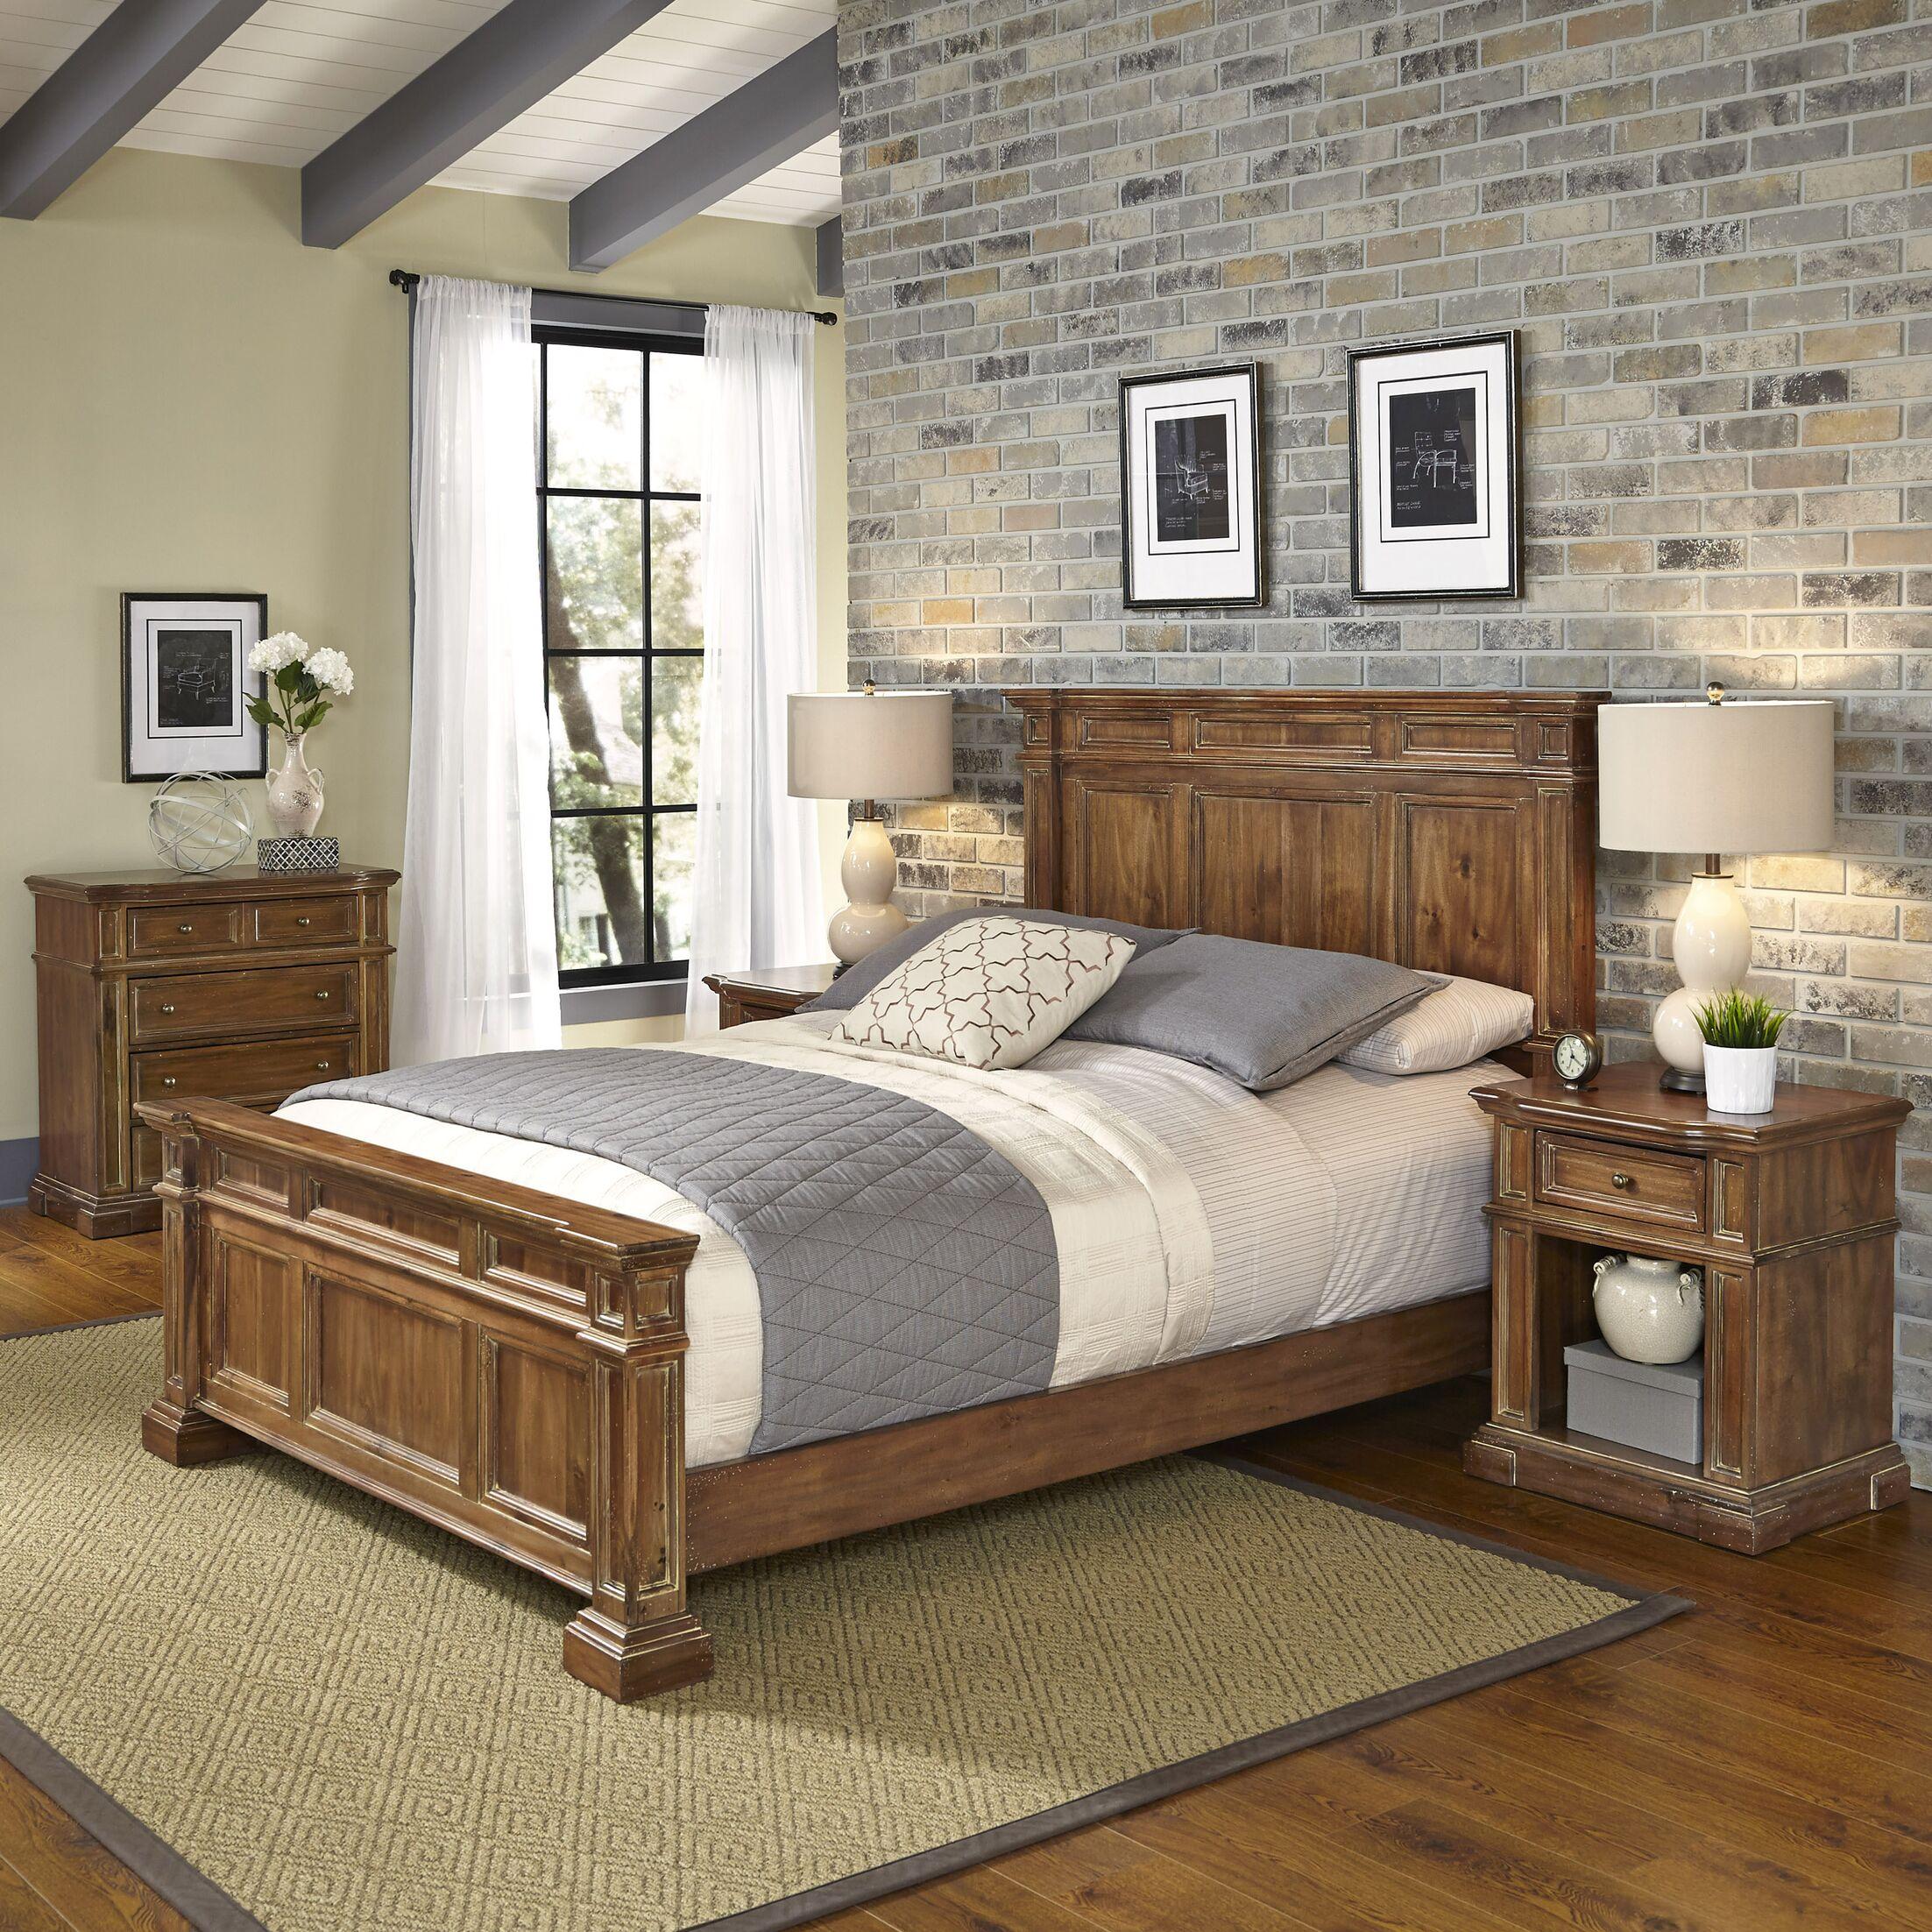 Landisville Platform 4 Piece Bedroom Set Bed Size: King